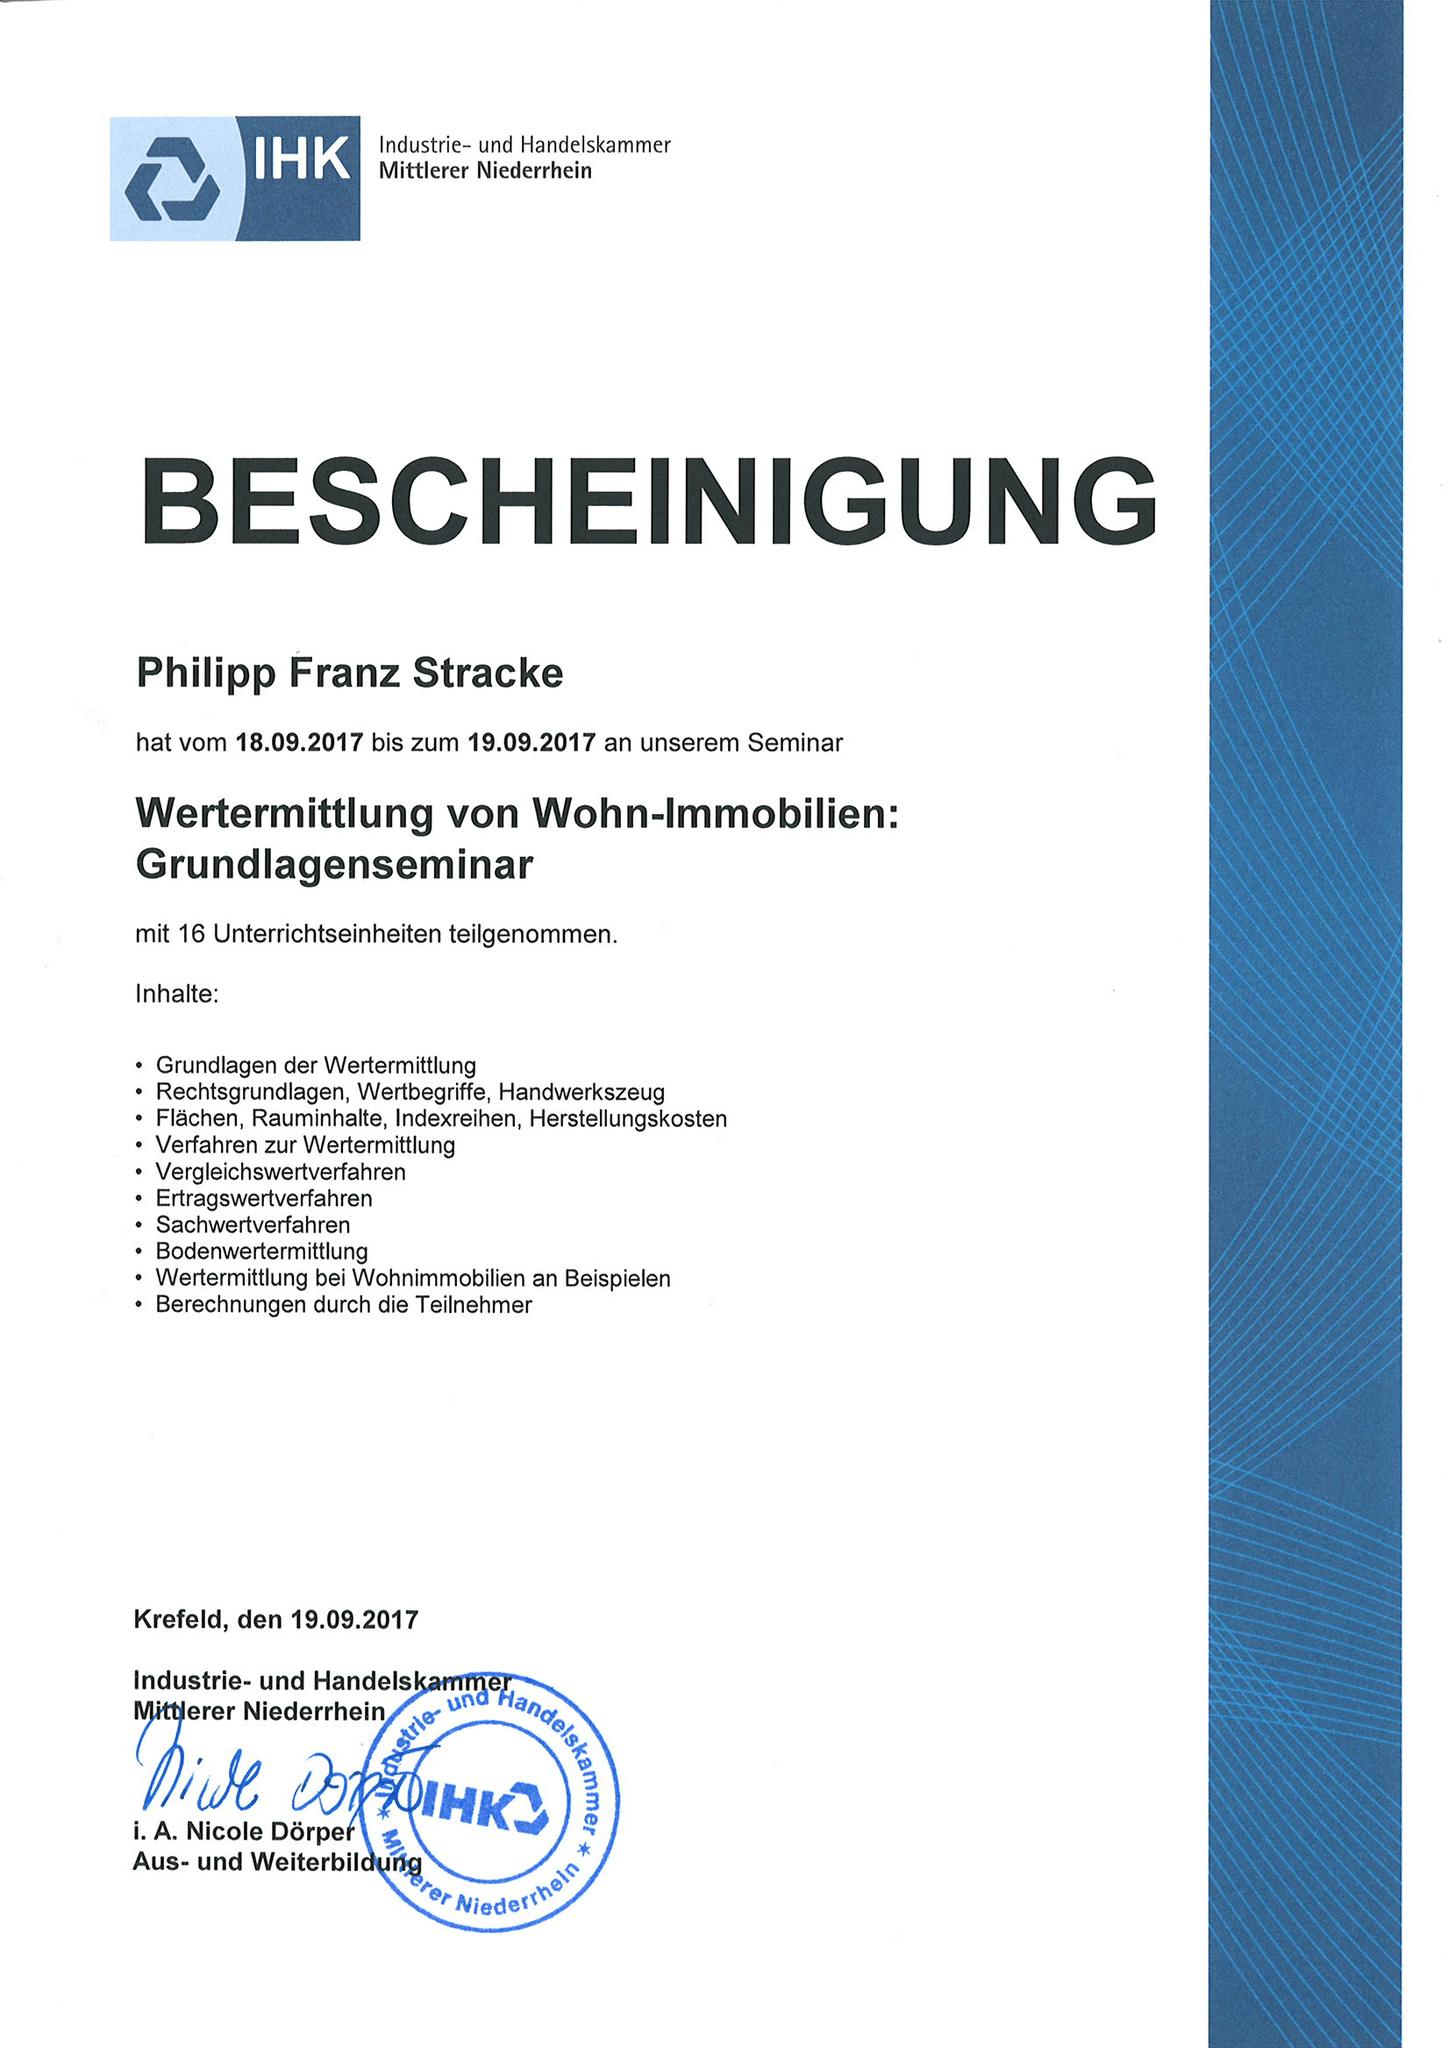 Seminar Wertermittlung (IHK)